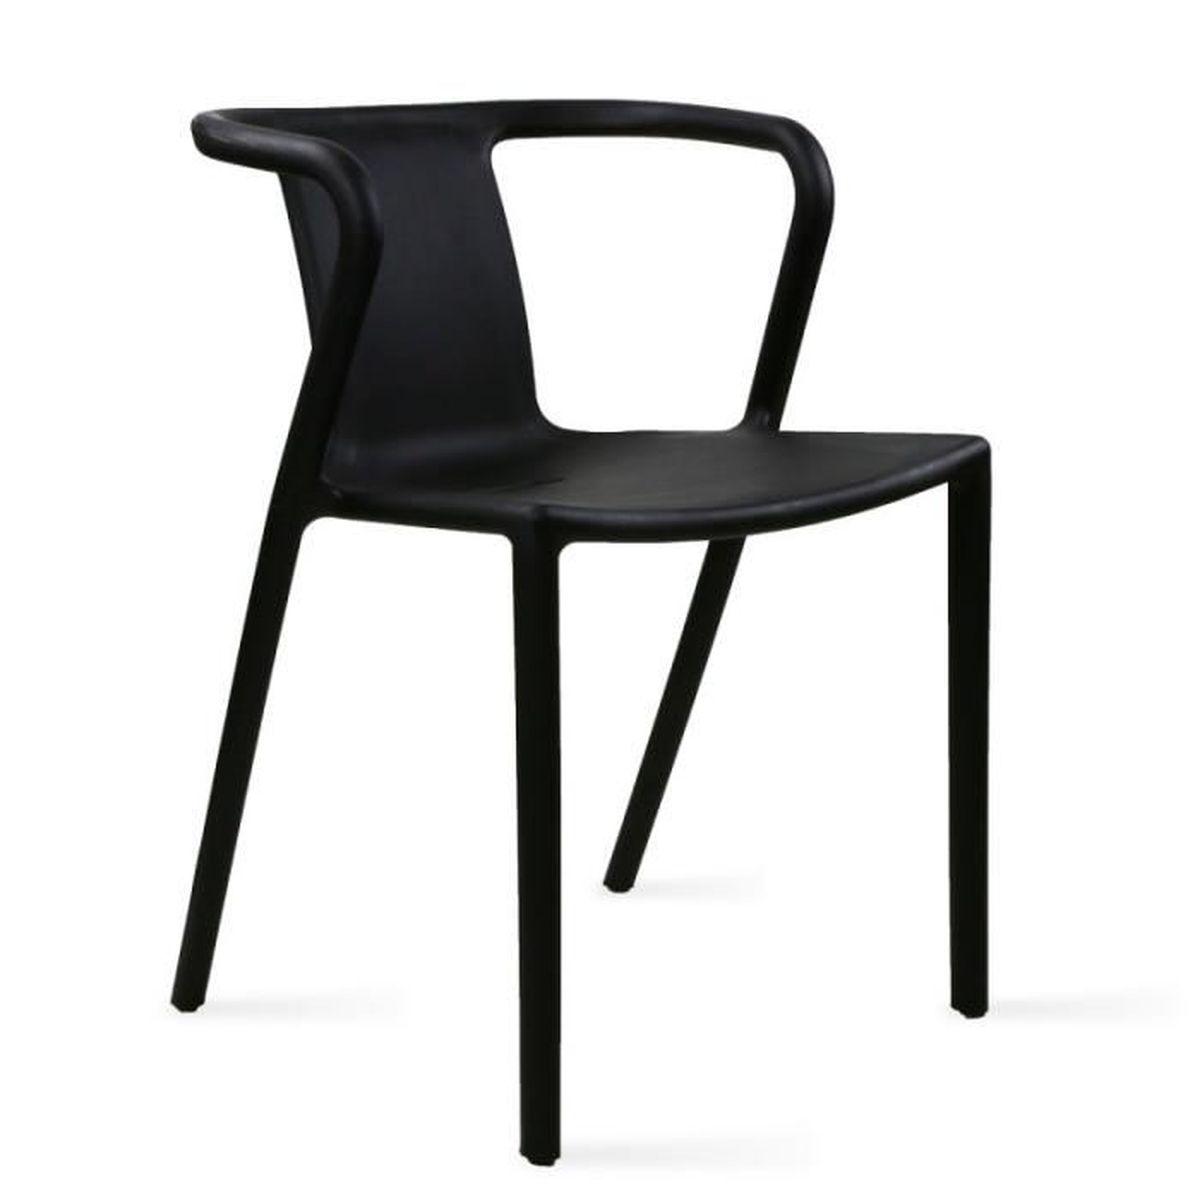 FAUTEUIL JARDIN Chaise De Jardin Design En Plastique Noir